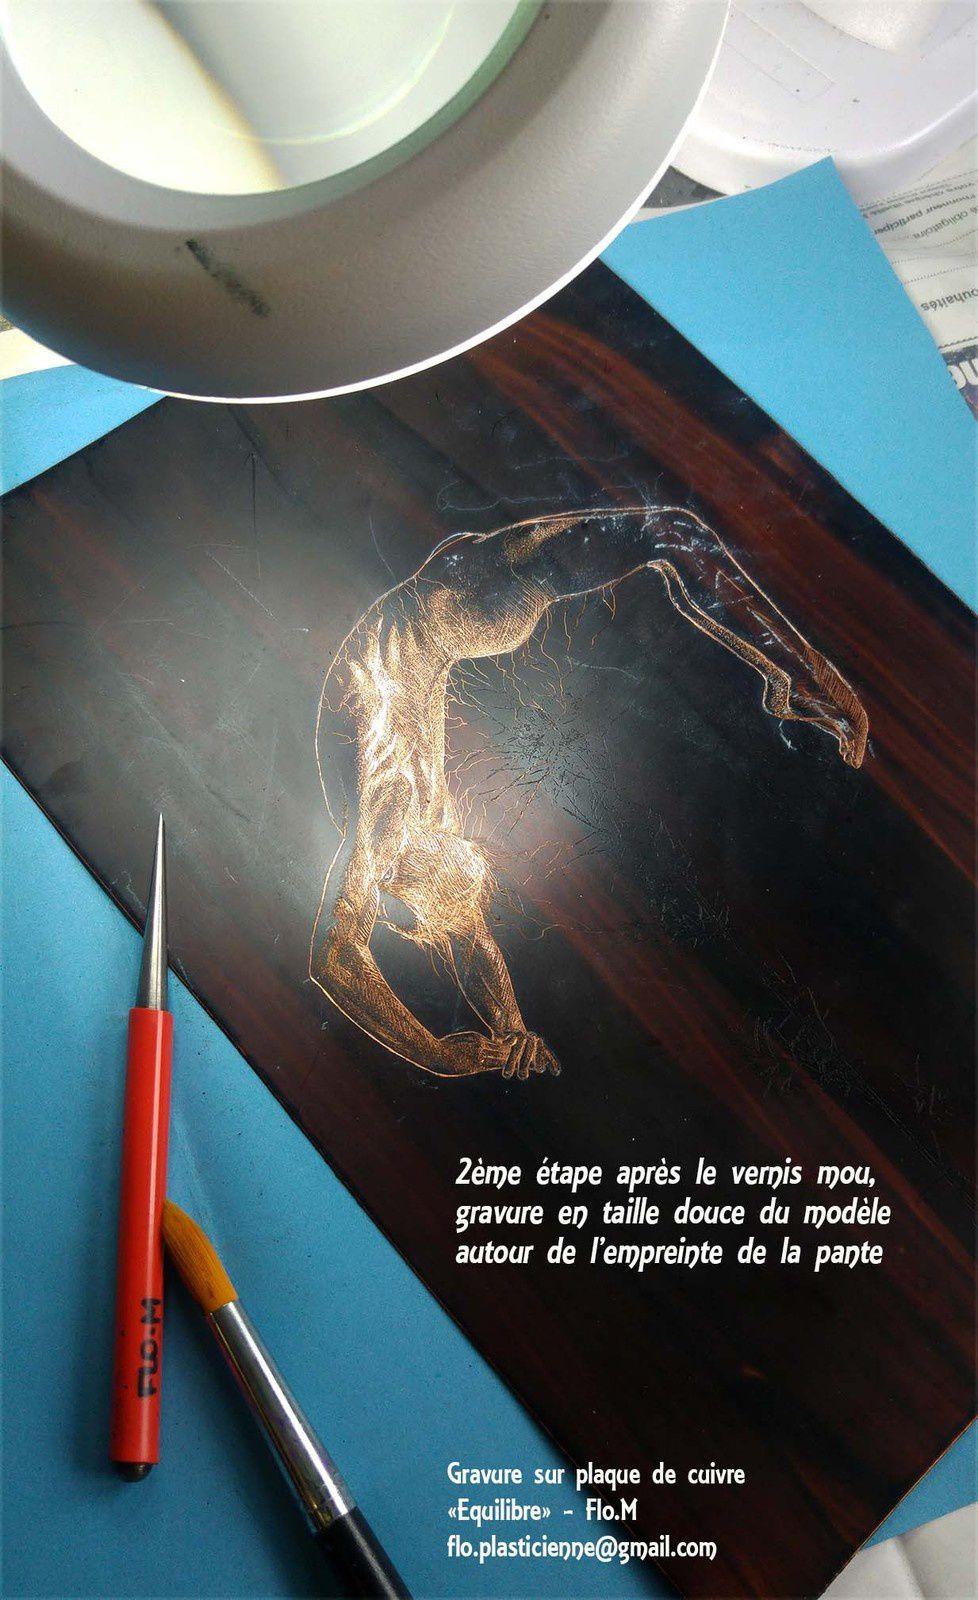 Gravure sur plaque de cuivre recouverte de vernis : Taille douce - Artiste Flo.M - flo.plasticienne@gmail.com